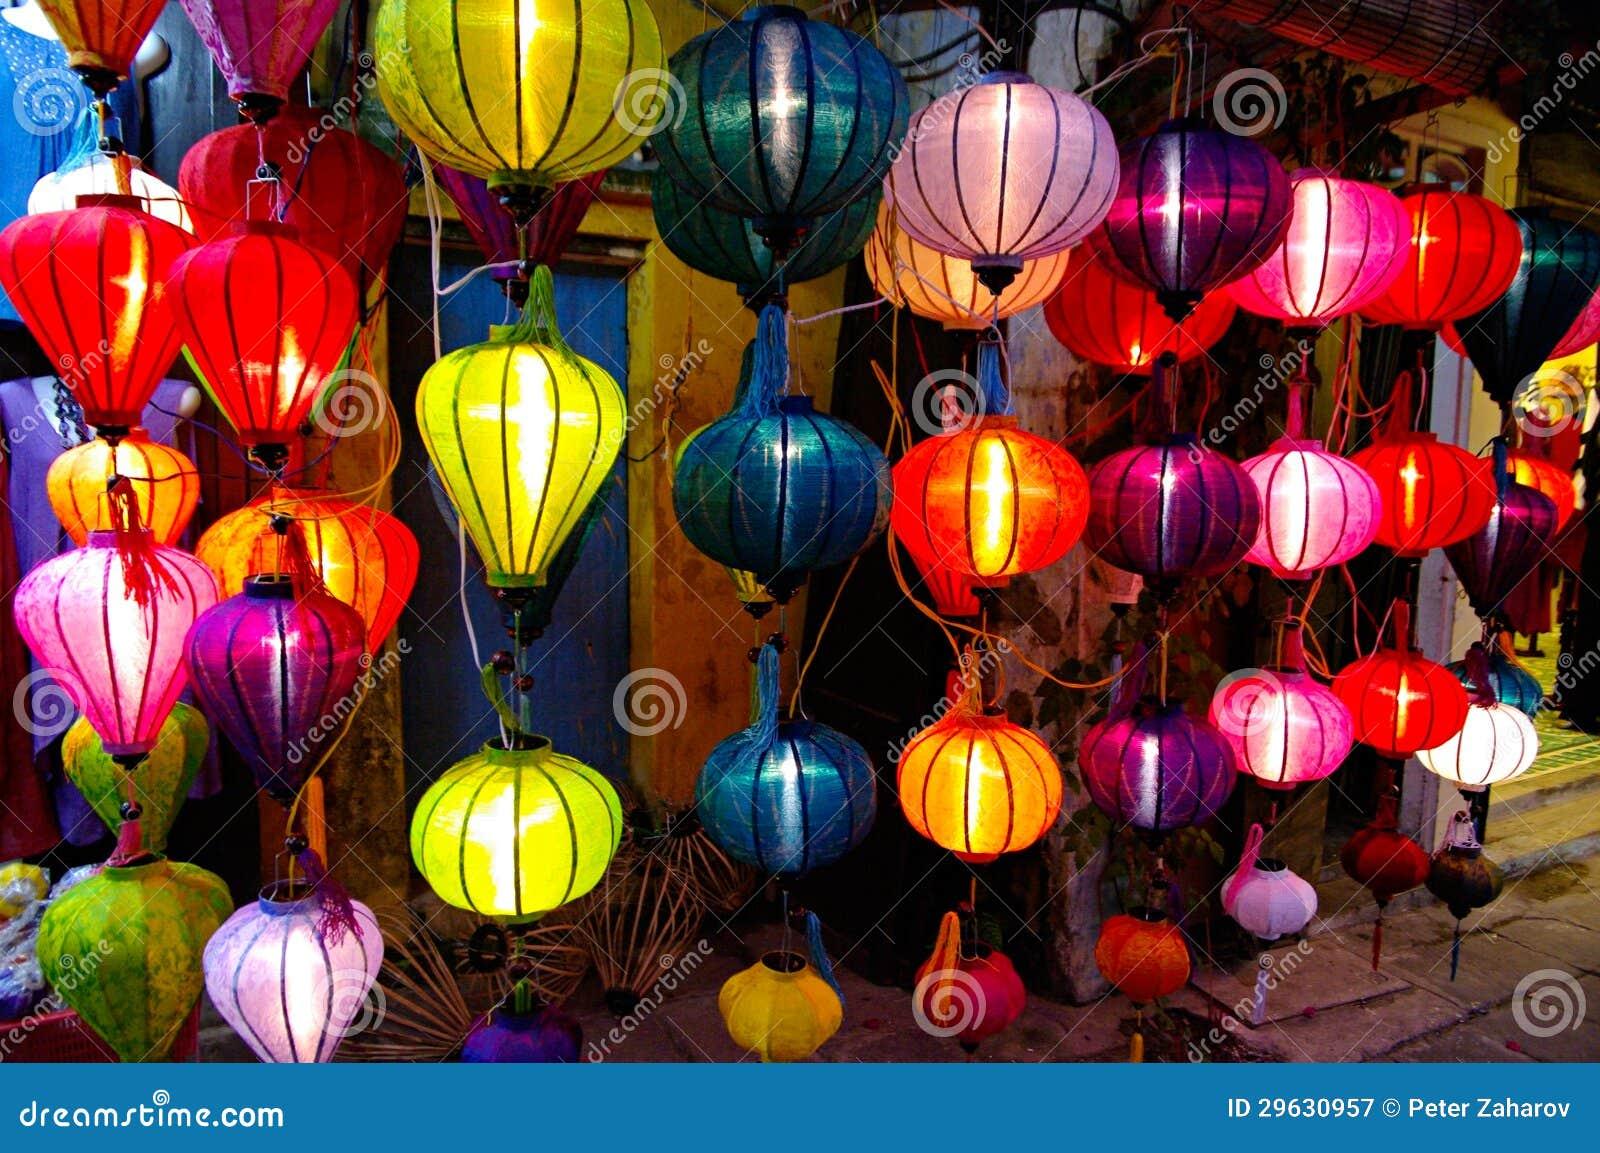 Lanternes En Soie Dans Hoi Une Ville Vietnam graphie stock libre de droits Image